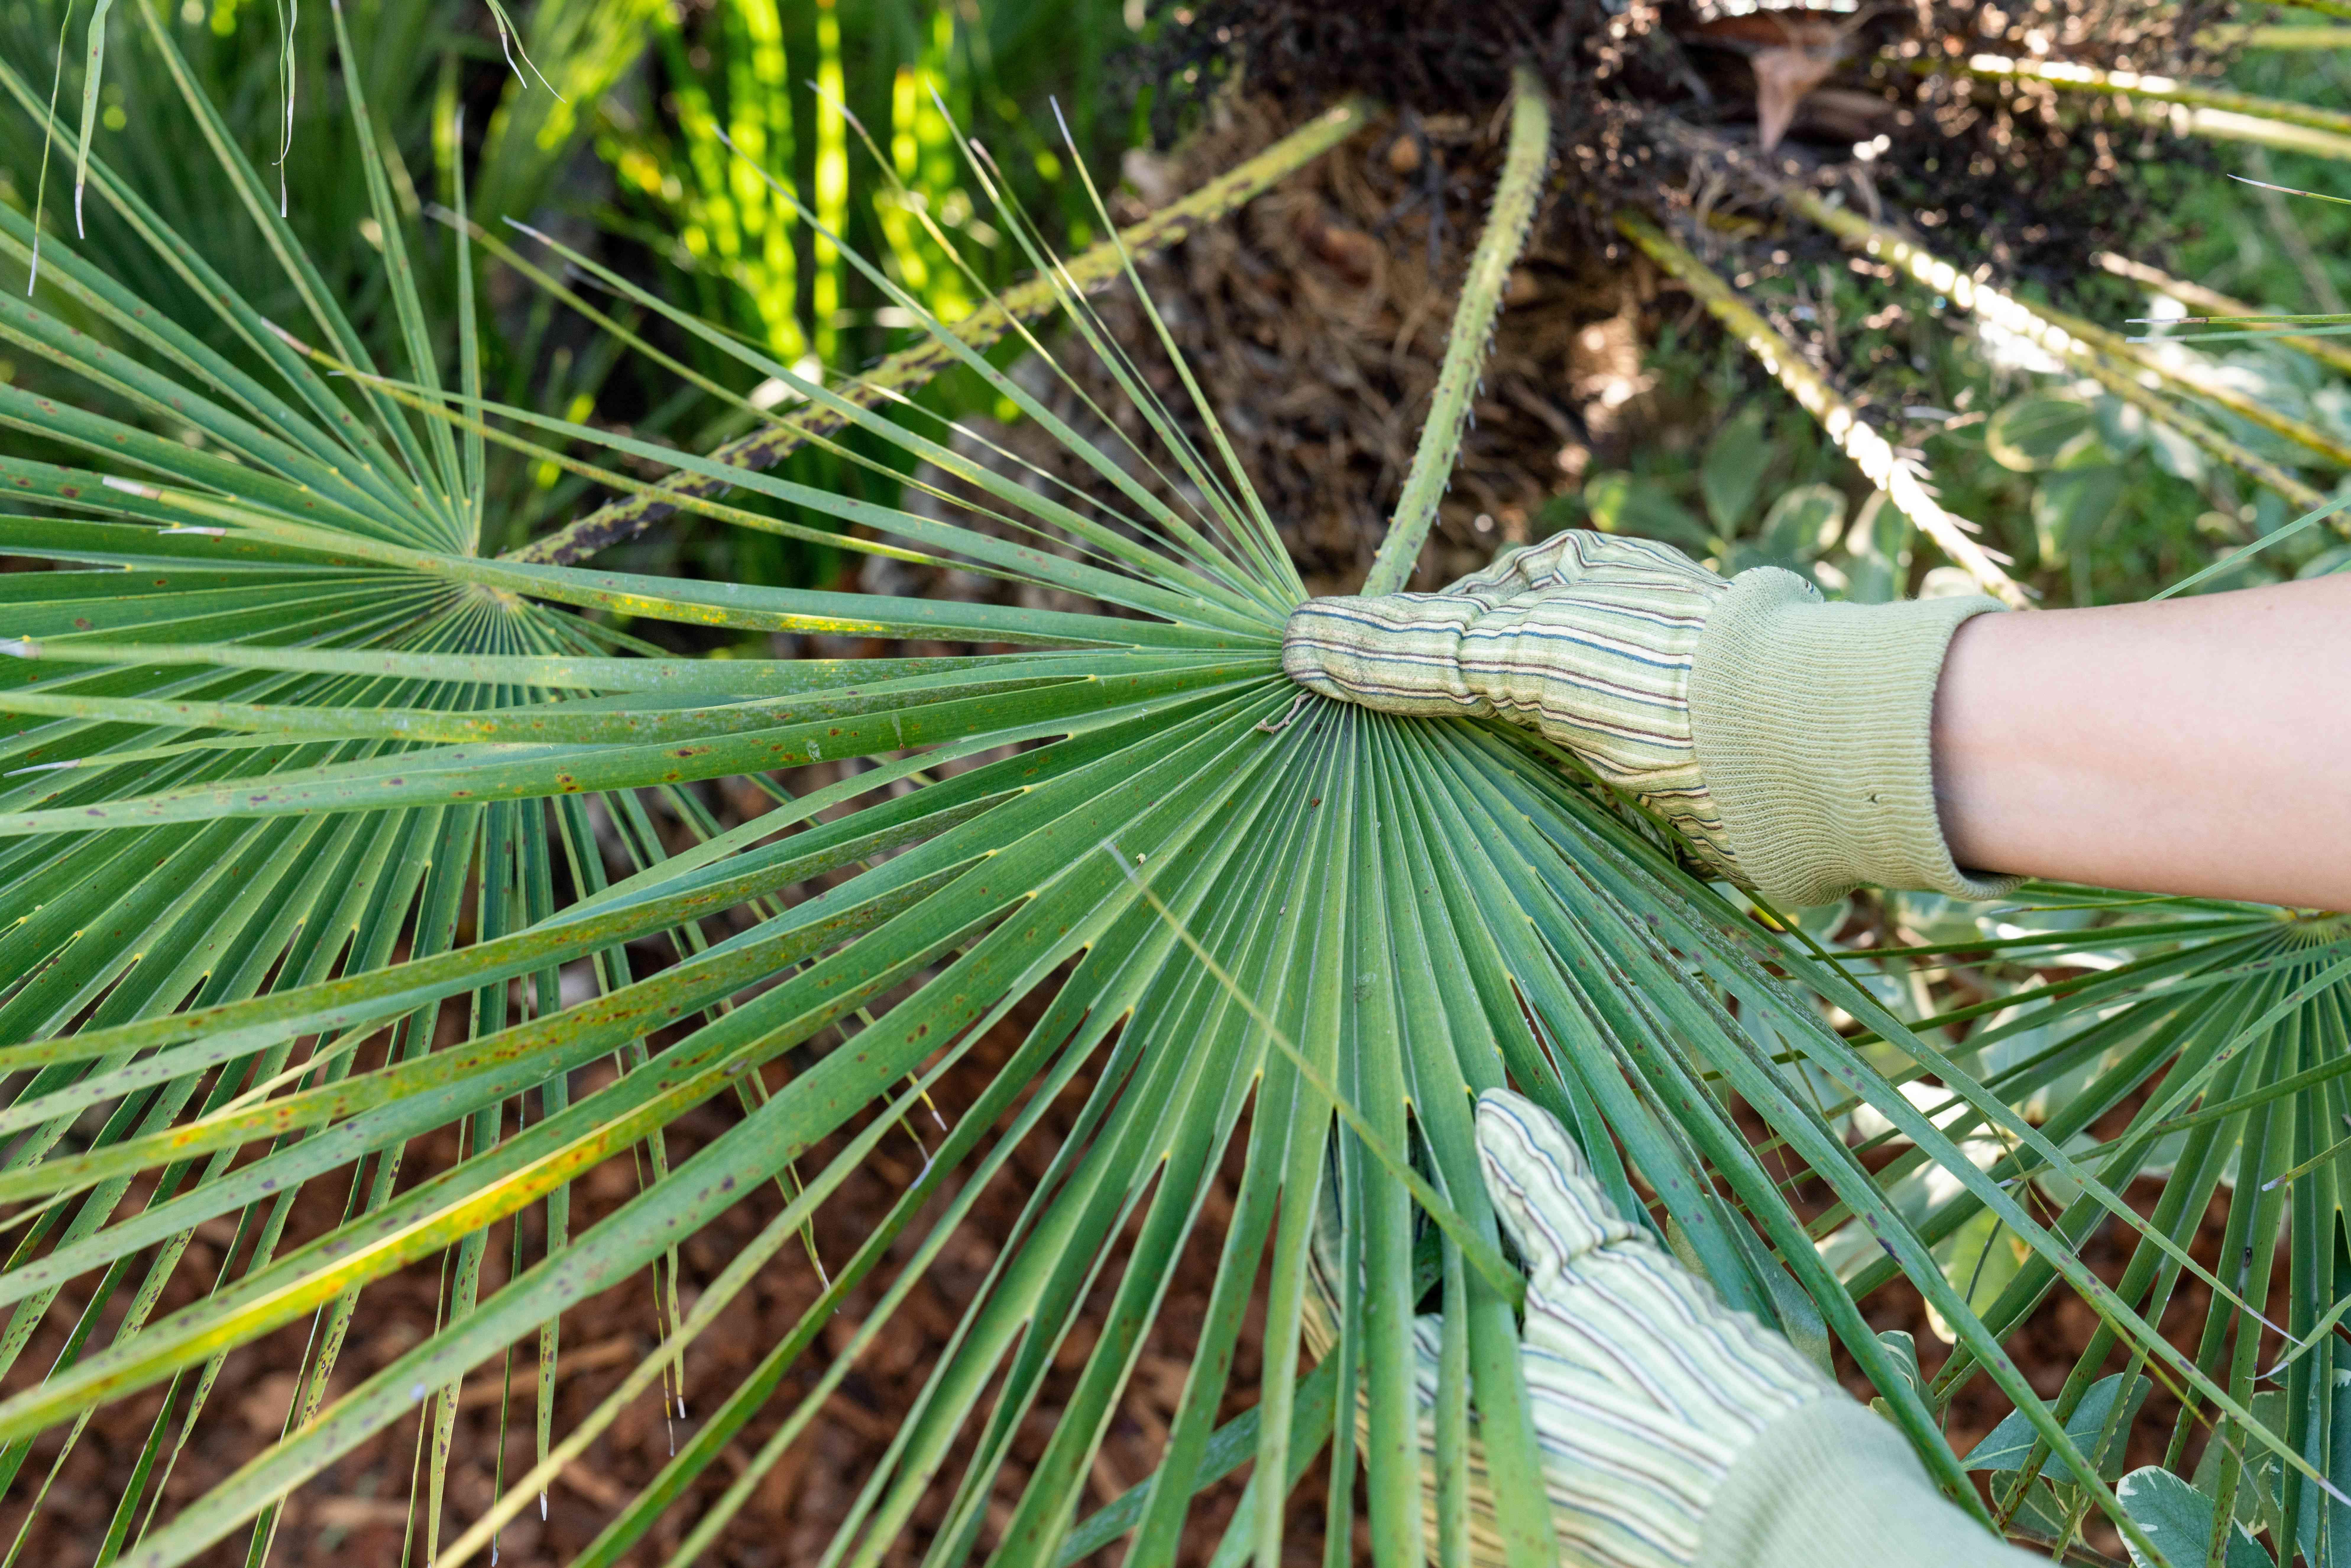 European fan palm frond